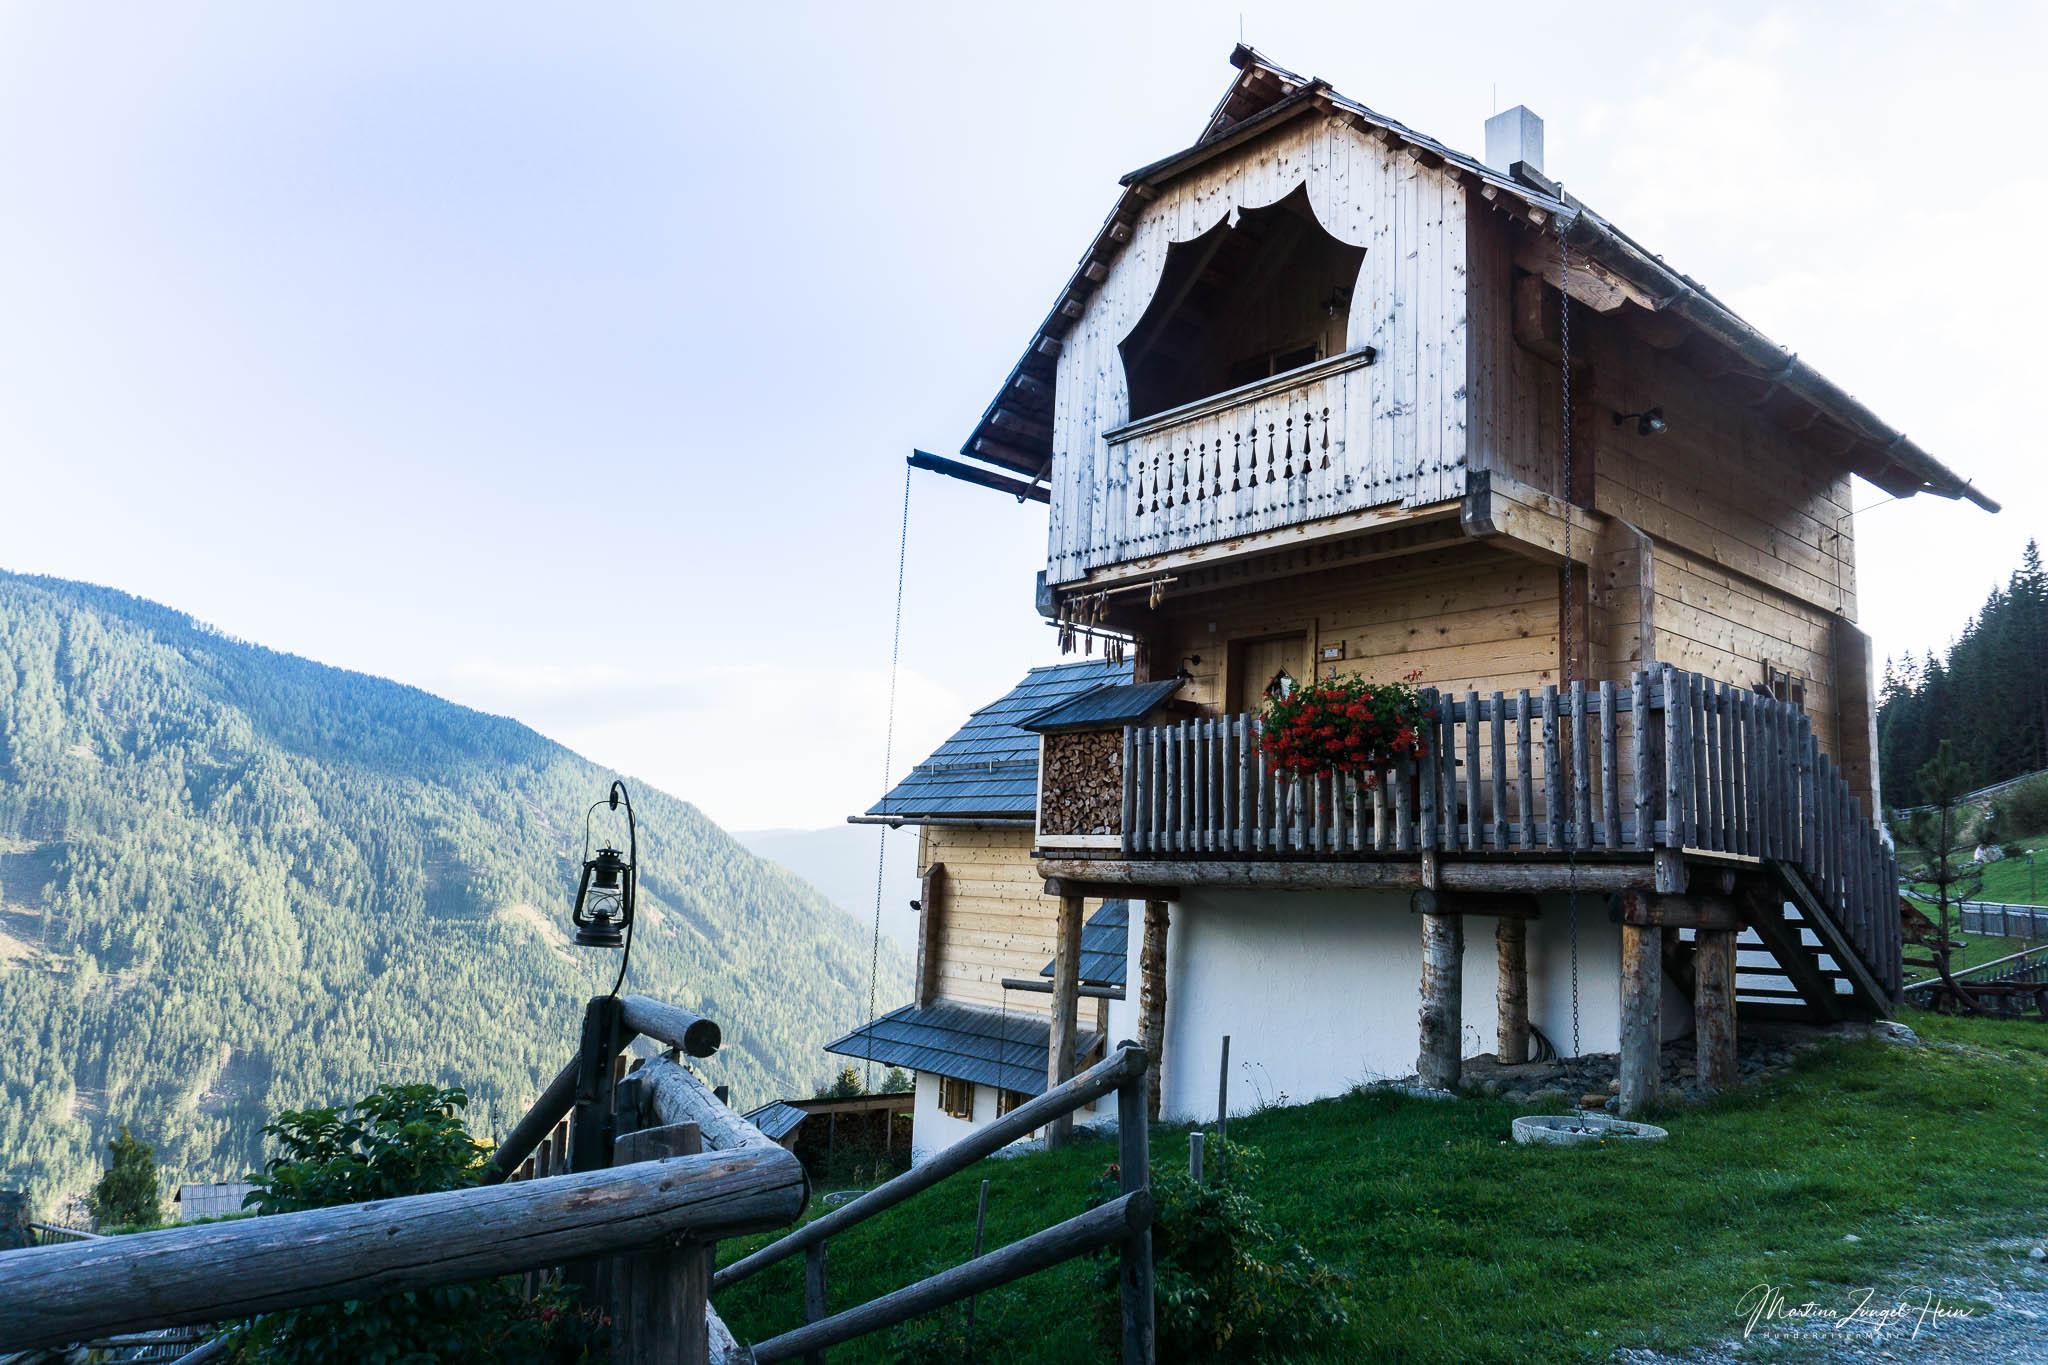 Den Häusern im neuen Teil fehlt noch etwas die romantische Patina vergangener Jahre